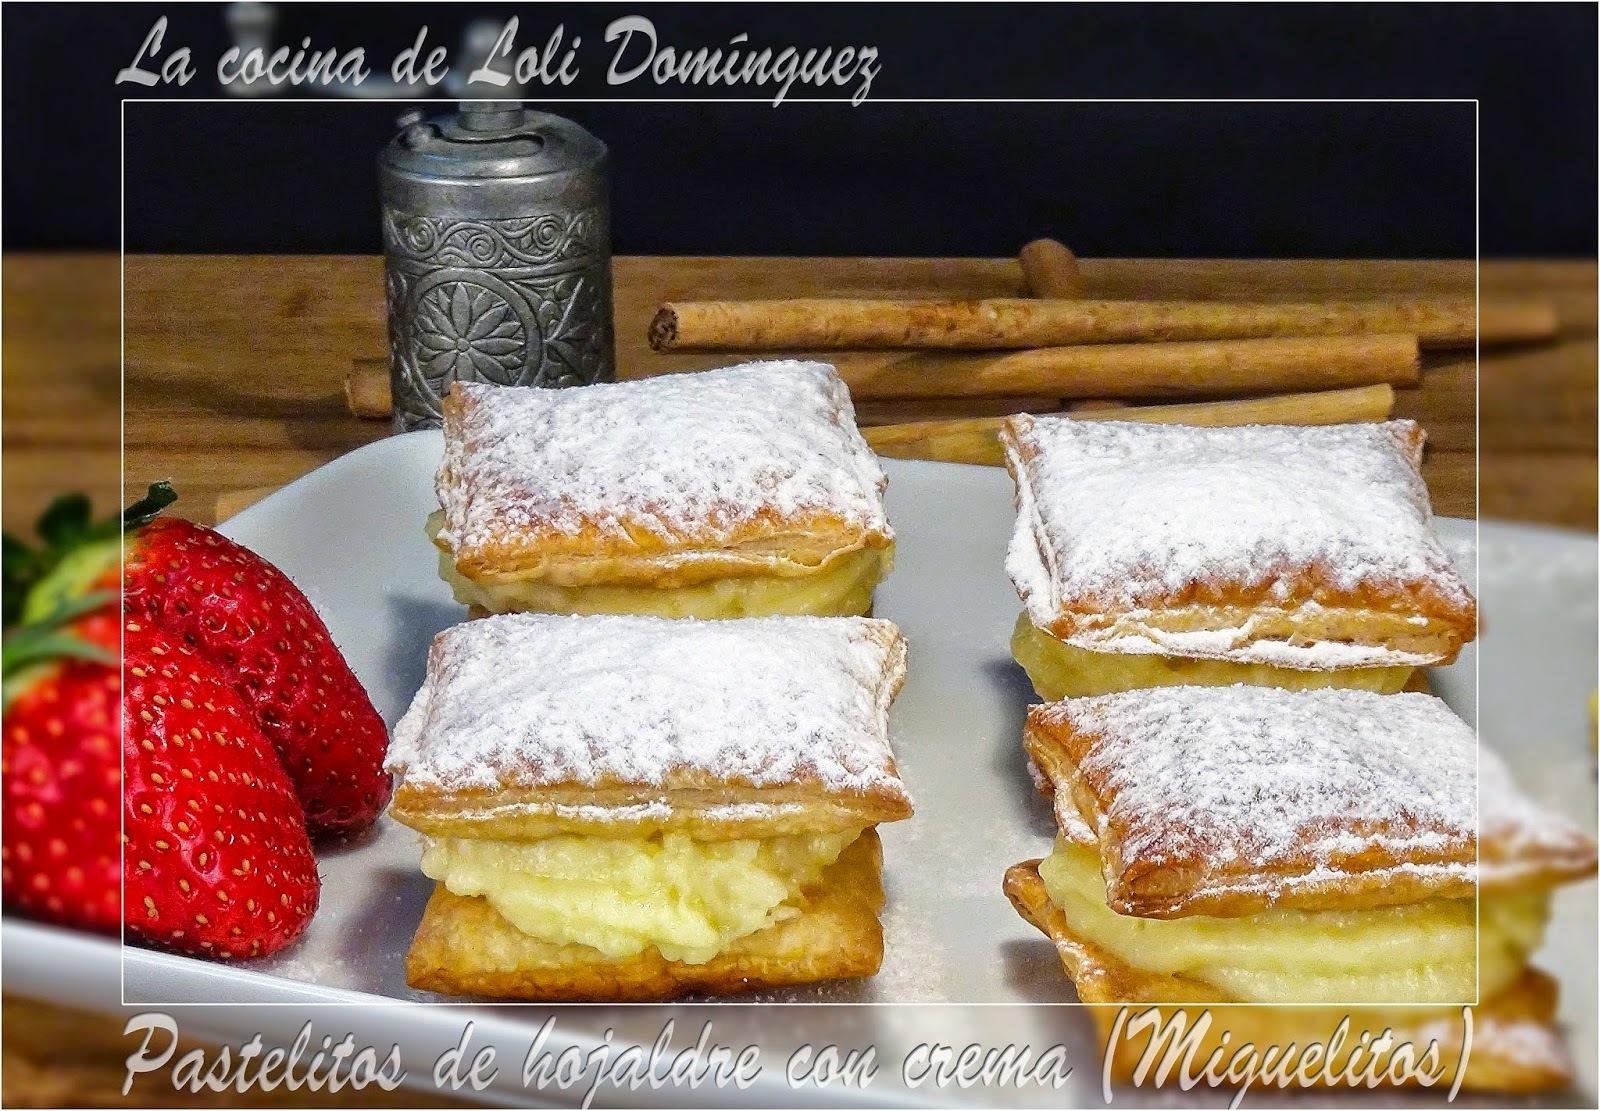 Pastelitos de hojaldre con crema (Miguelitos)